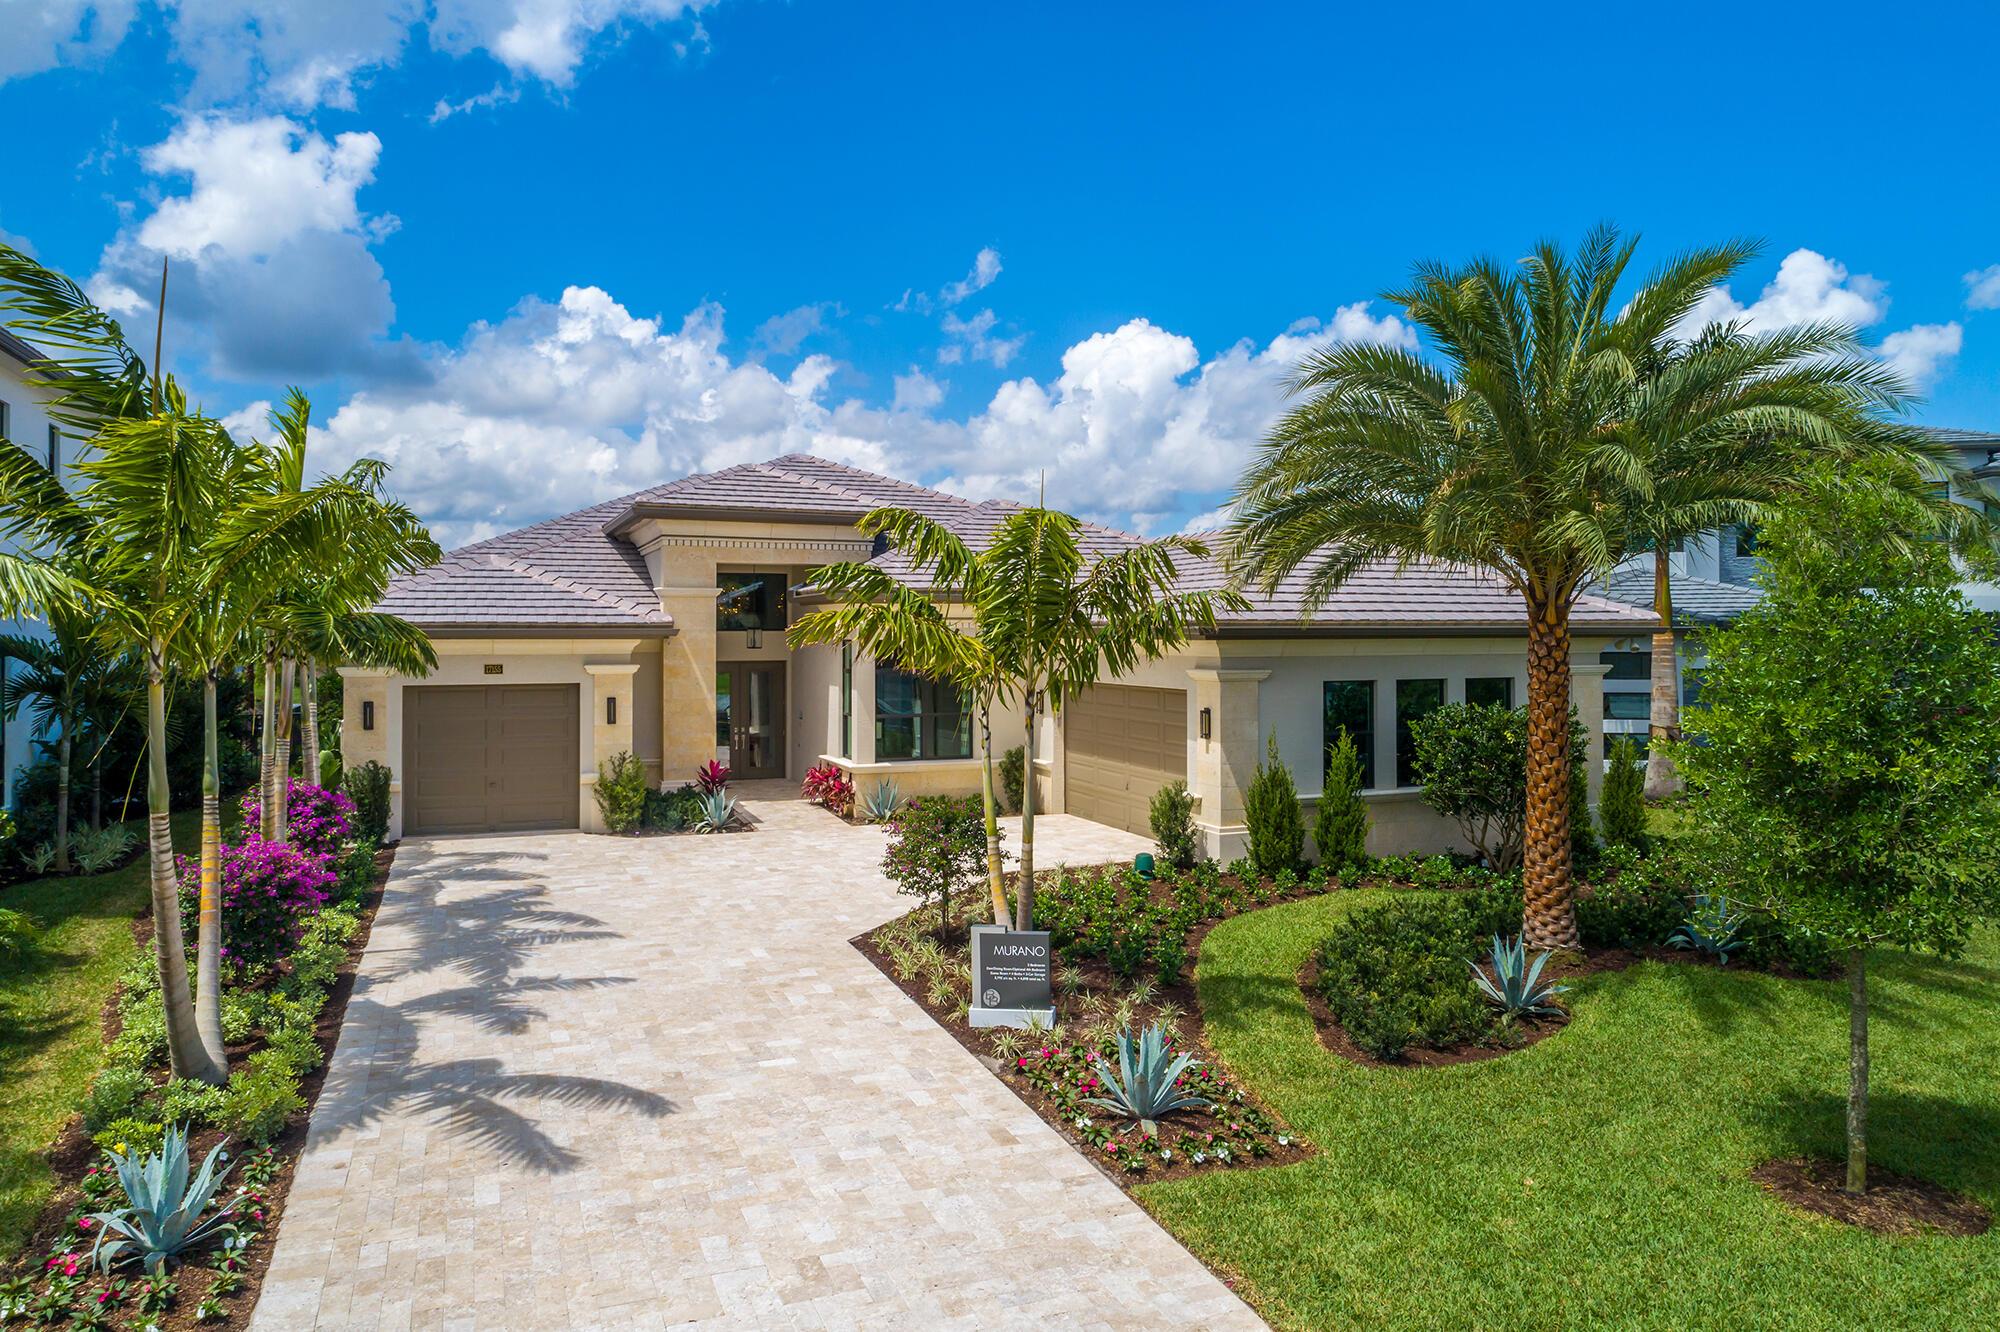 17155 Ludovica Lane Boca Raton, FL 33496